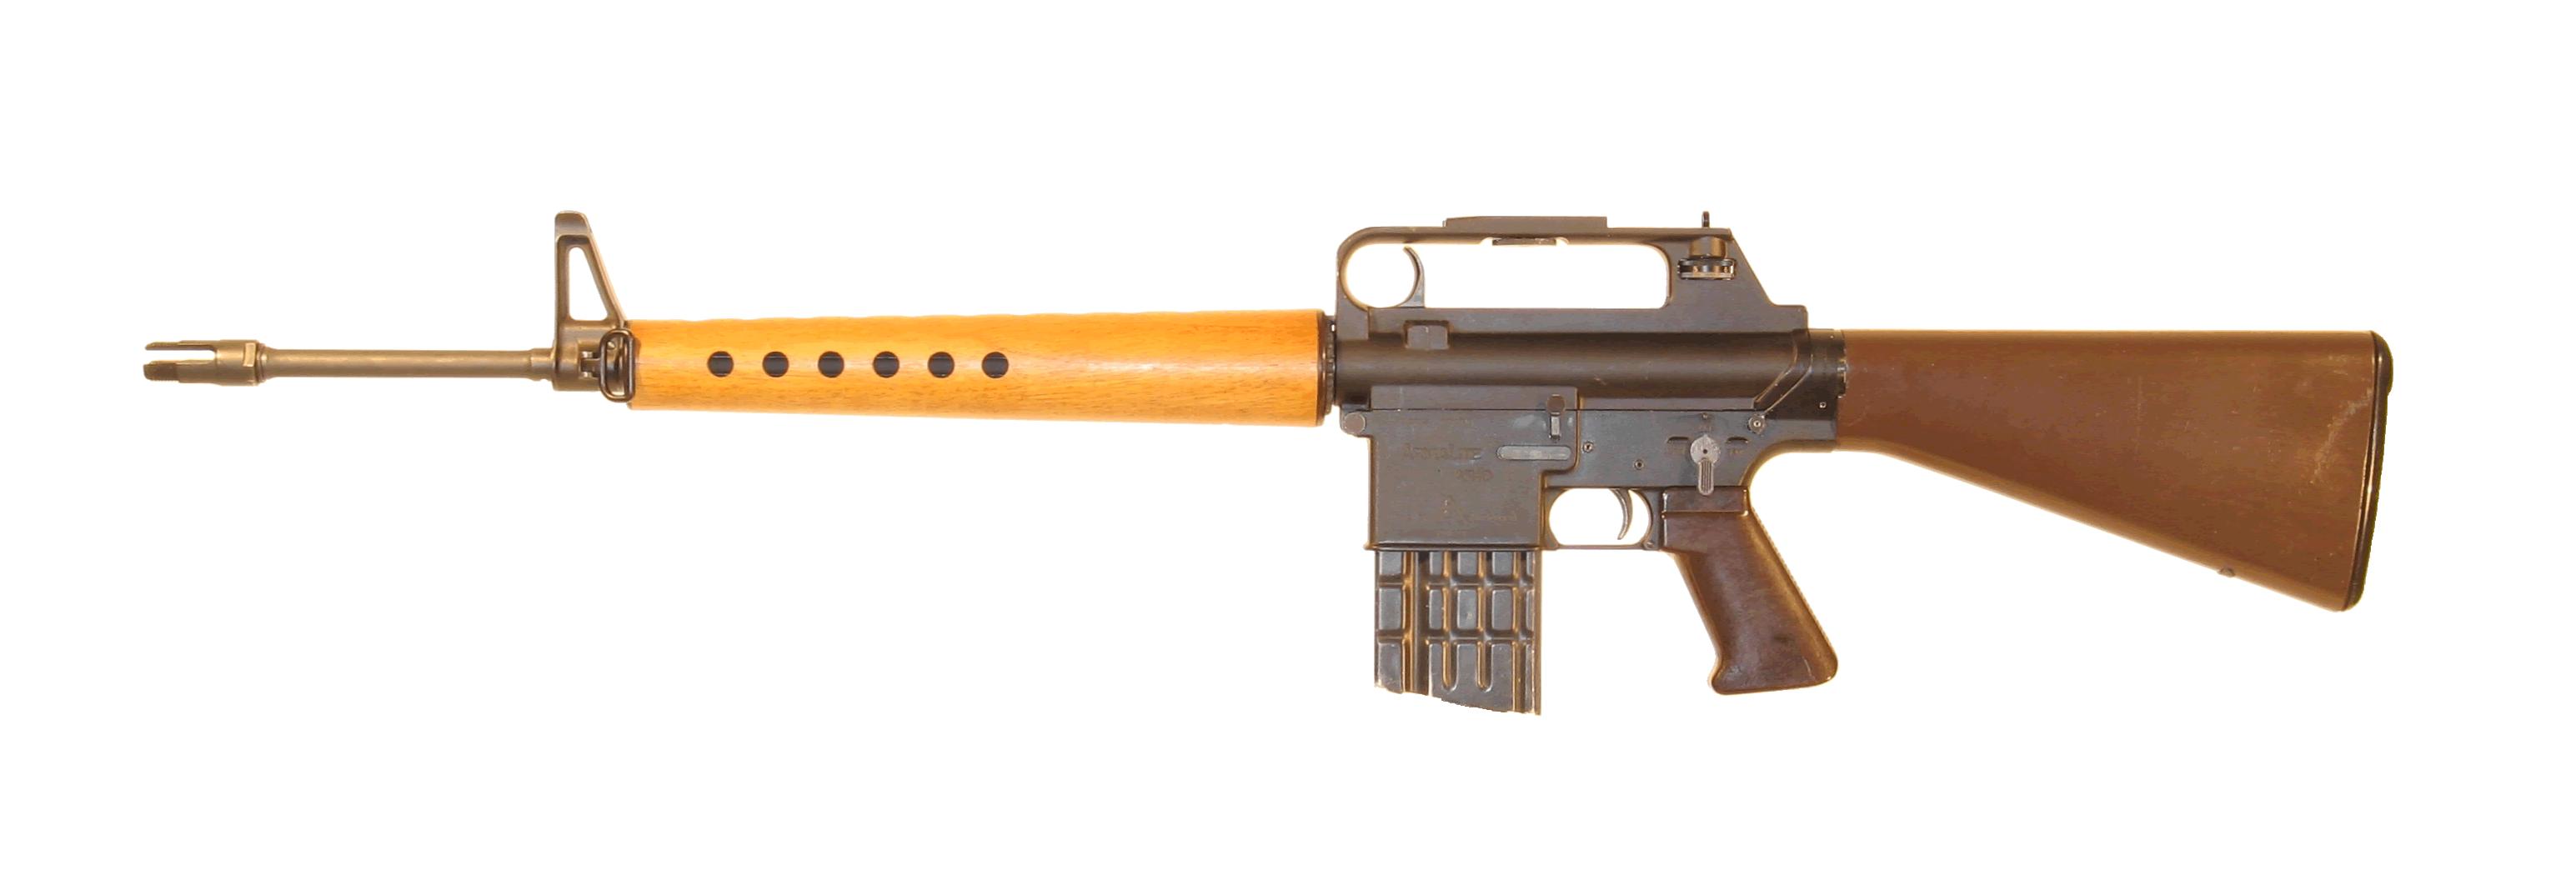 AR10 history